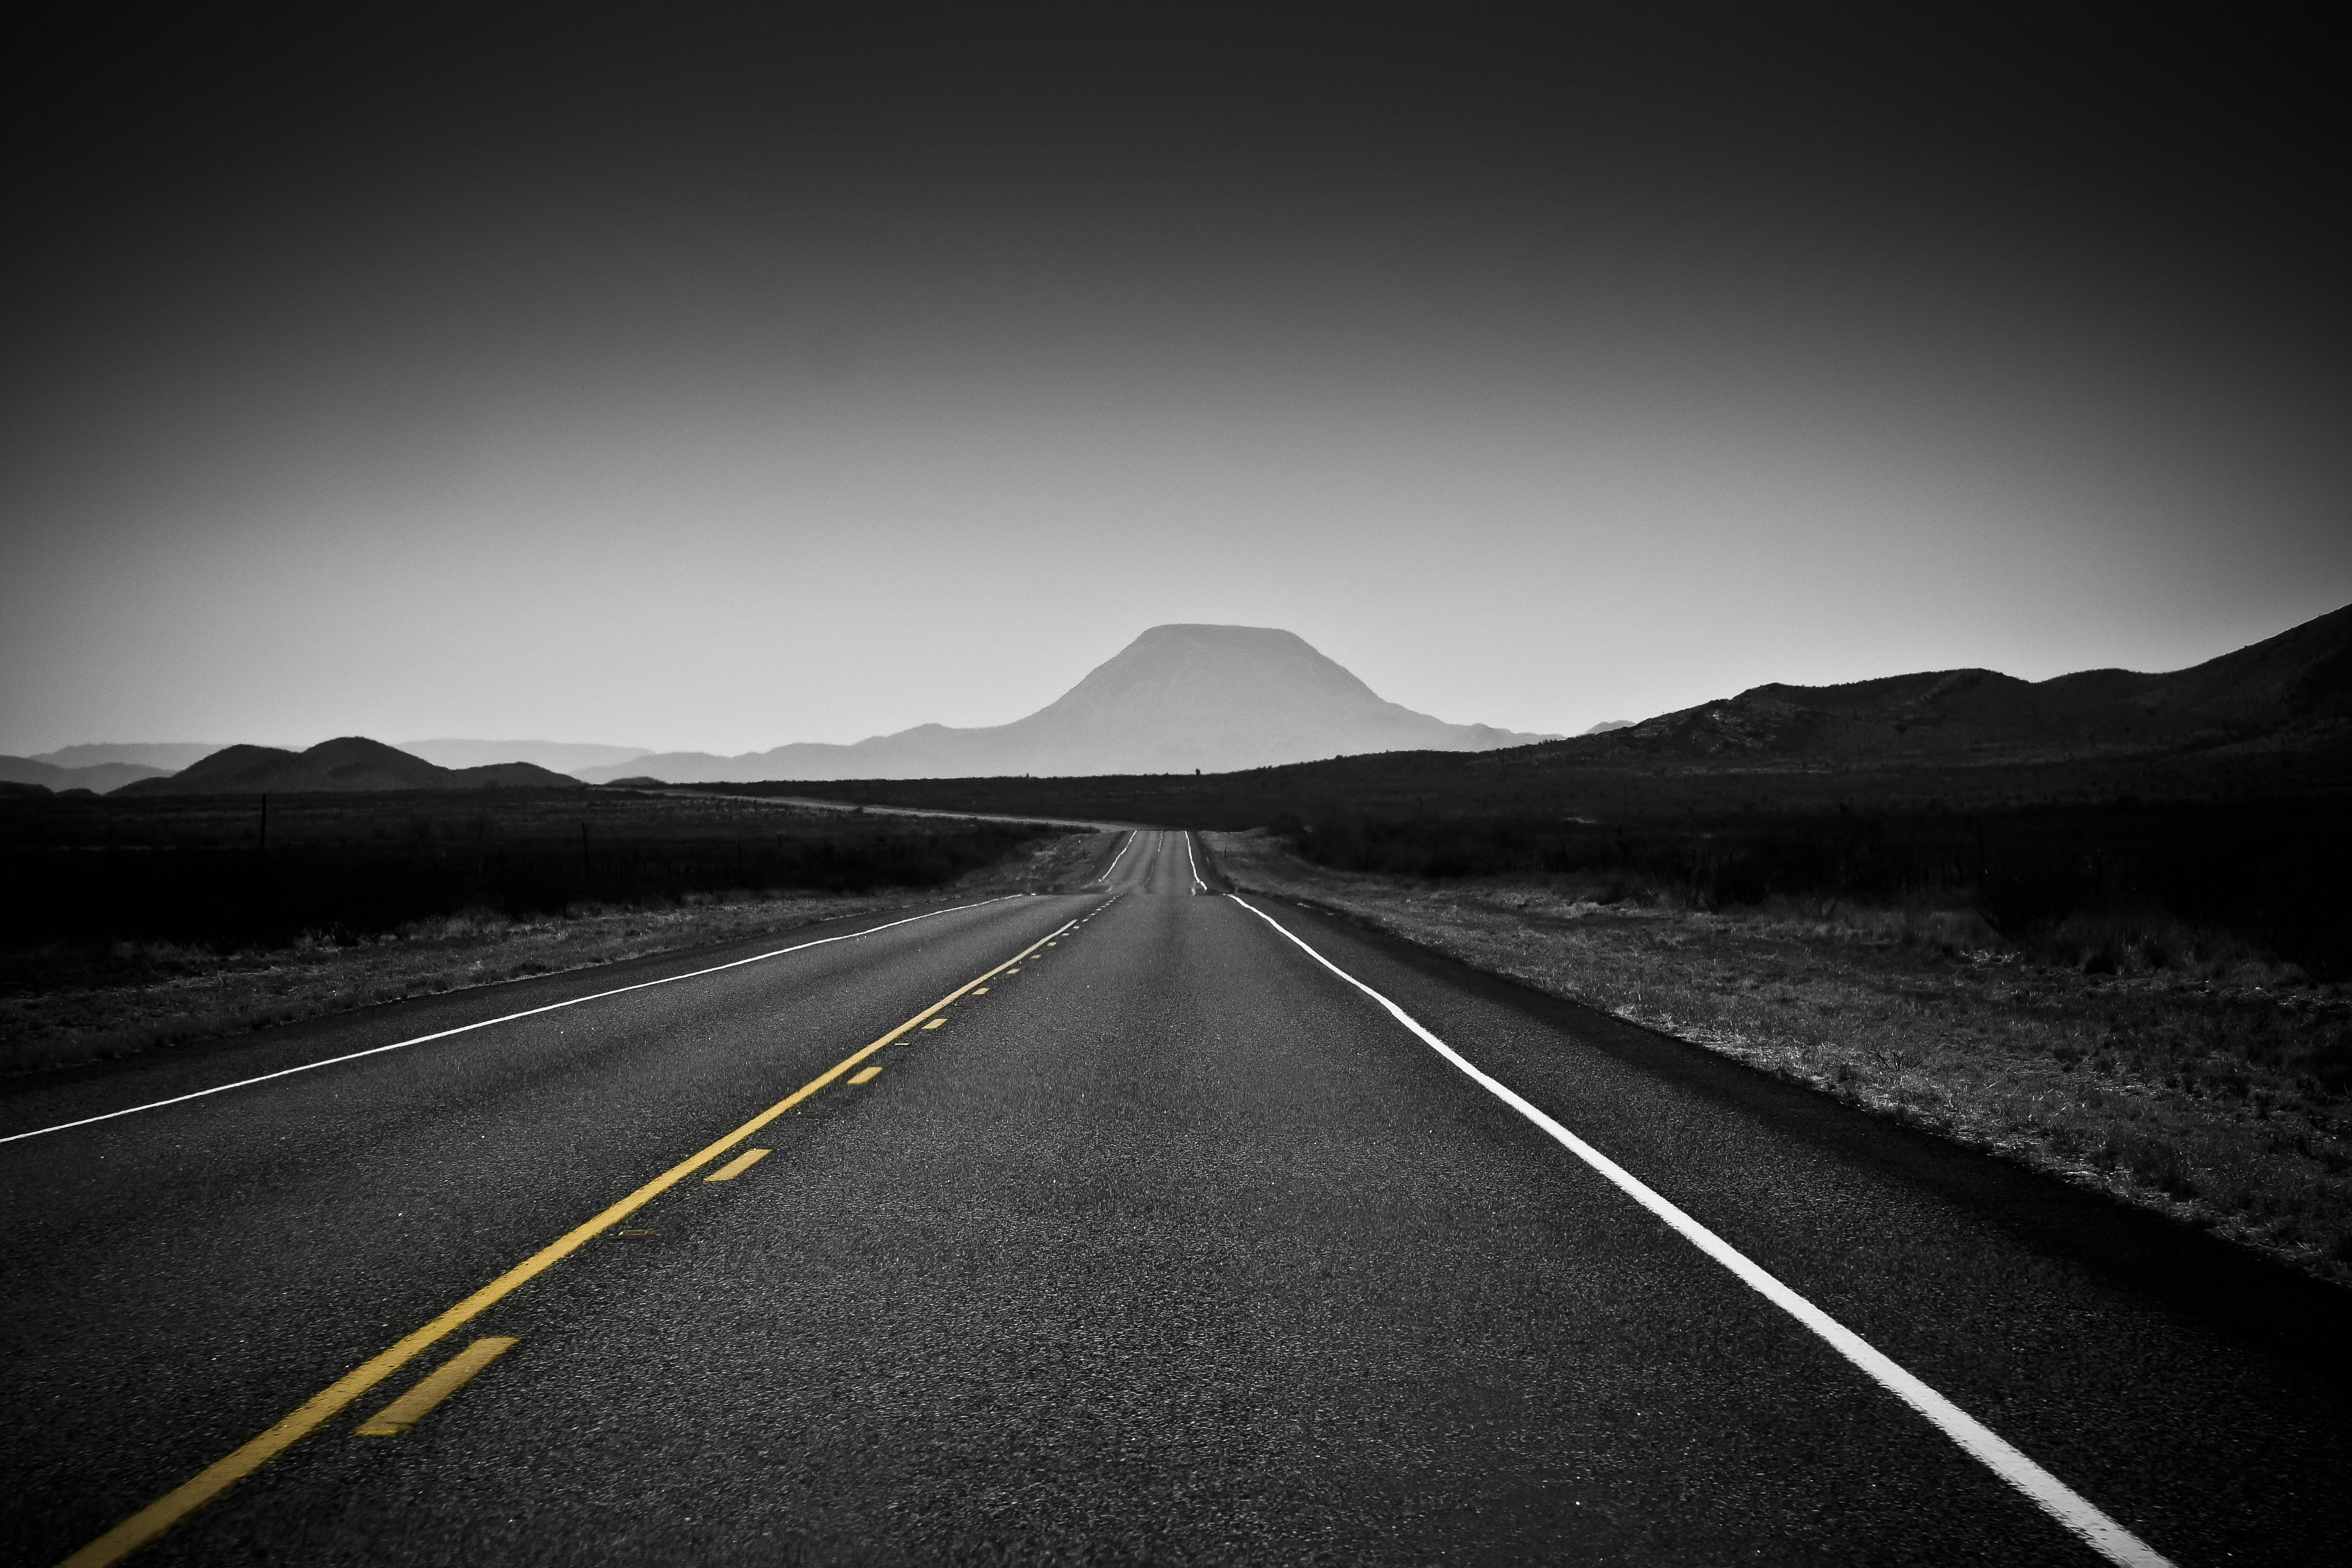 джеймс черно белые картинки дороги бал